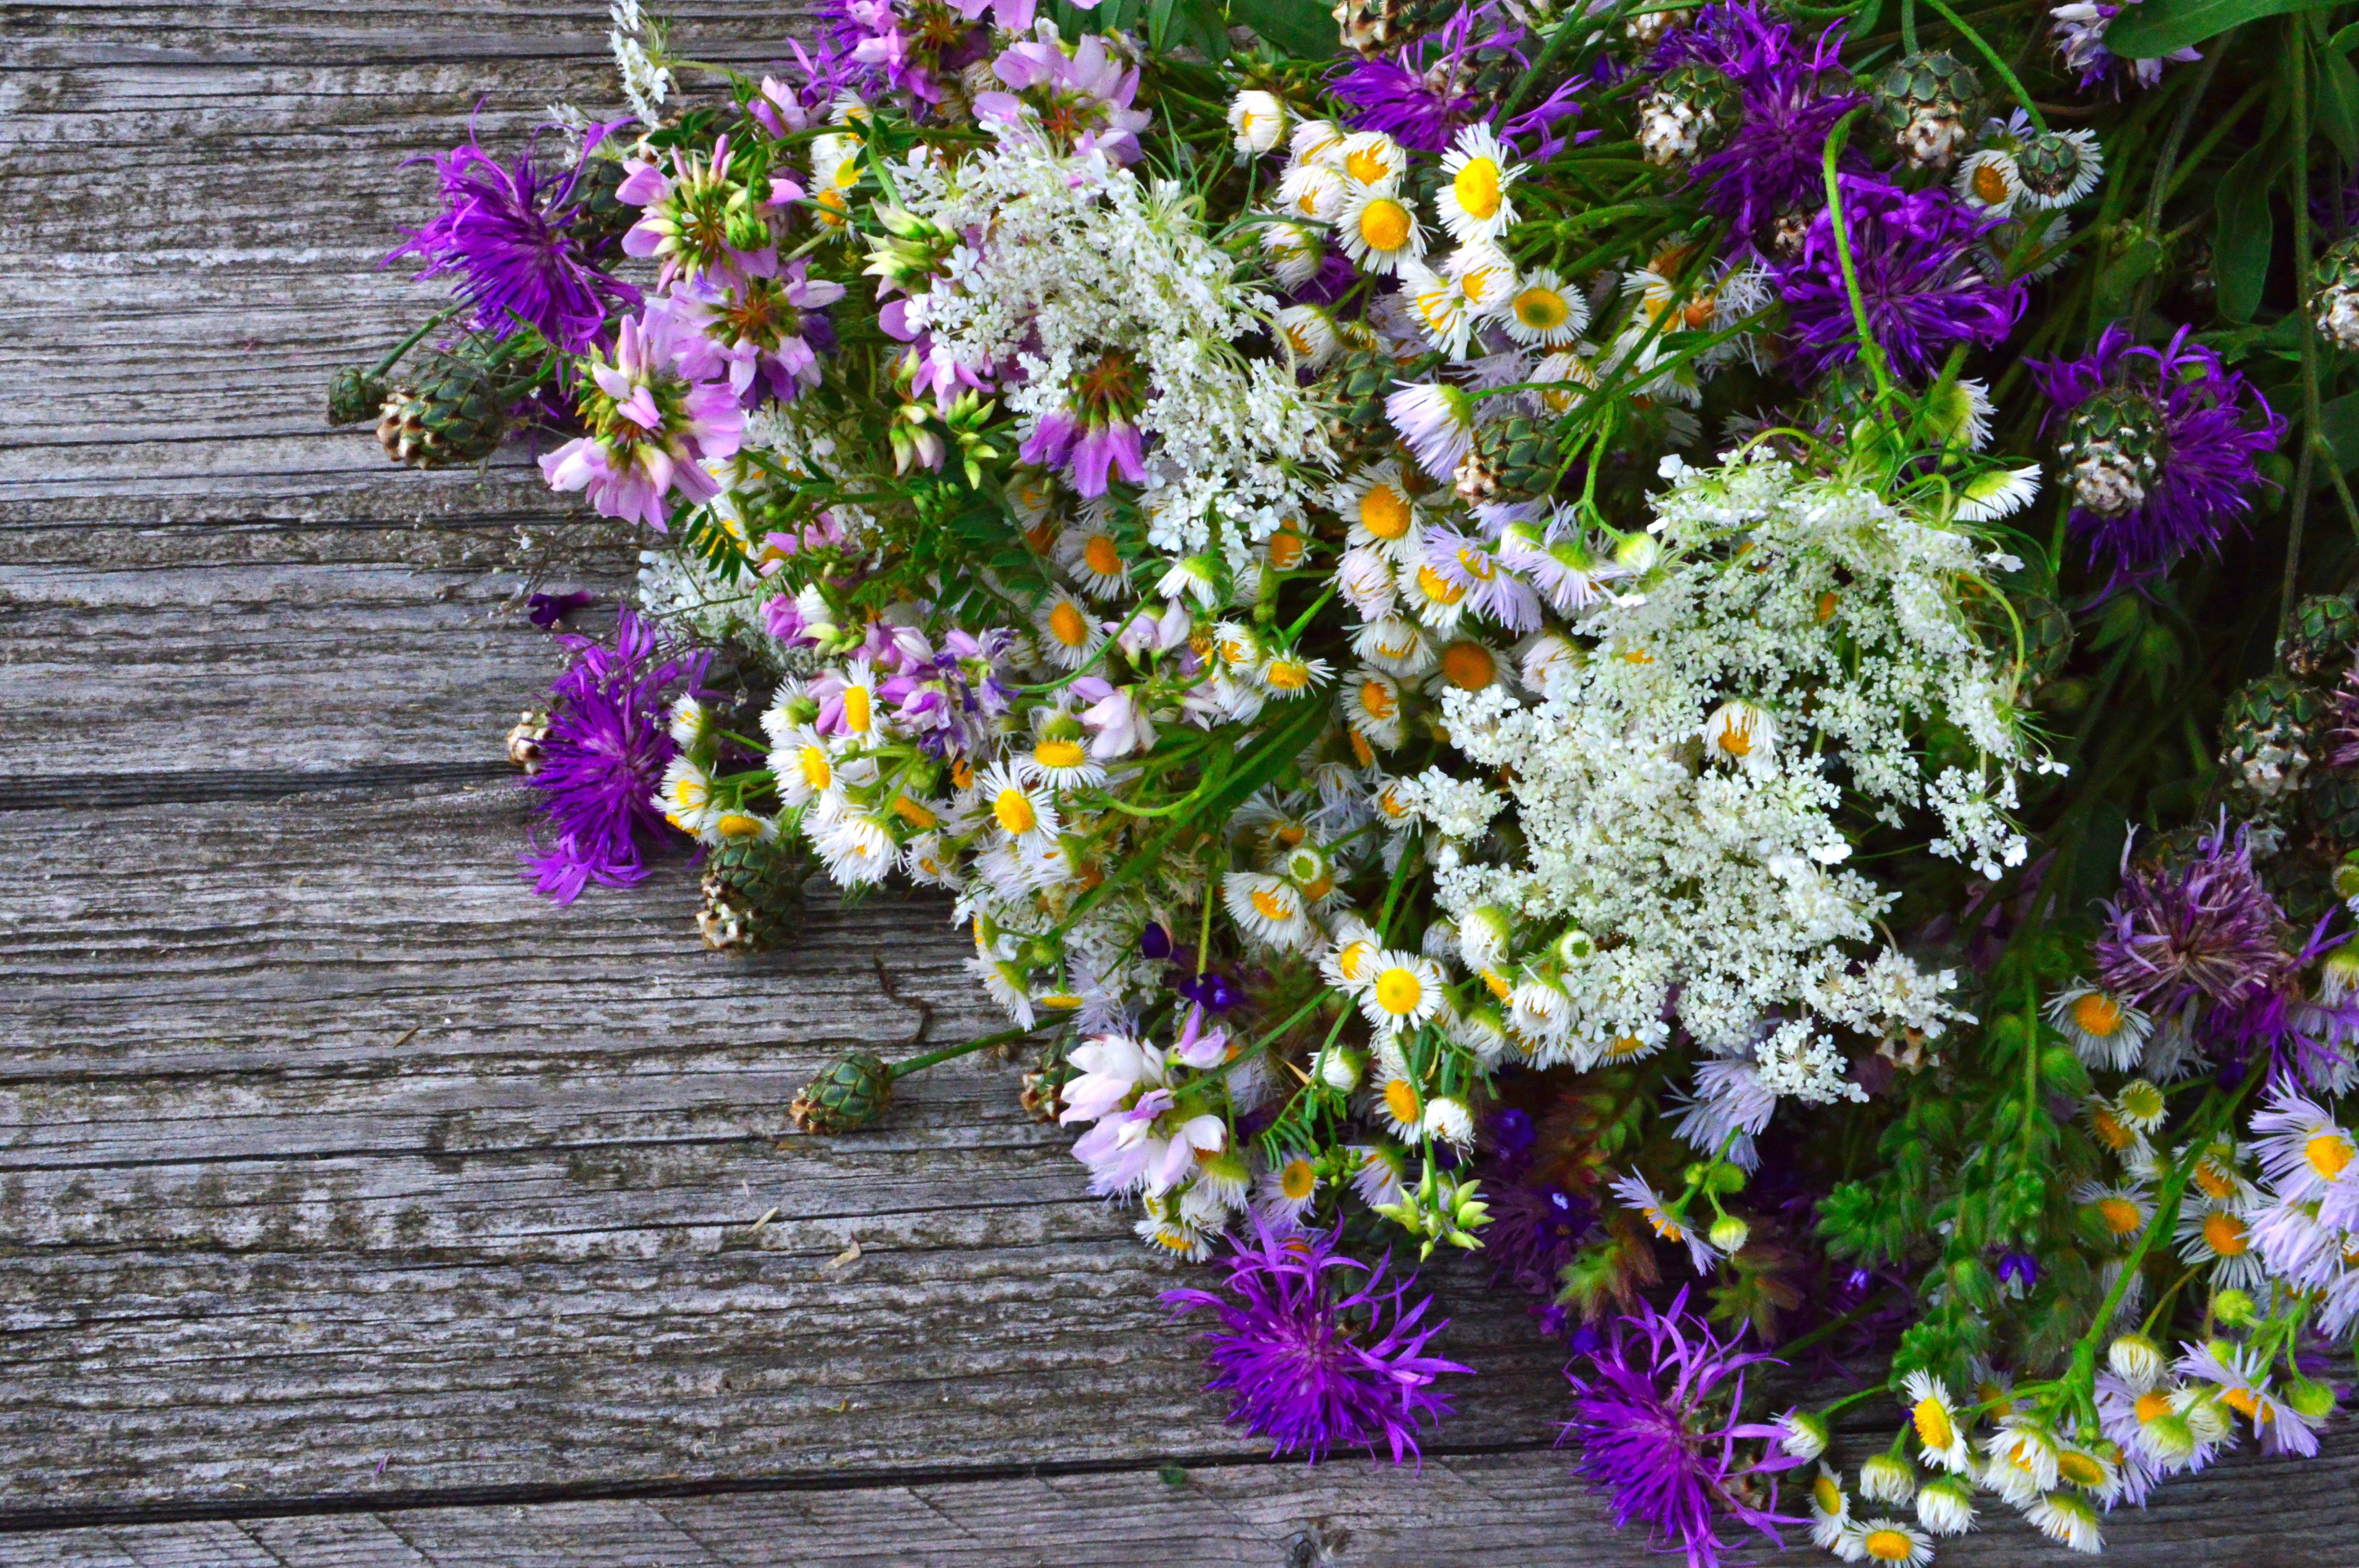 охапка полевых цветов картинки красивые разновидность